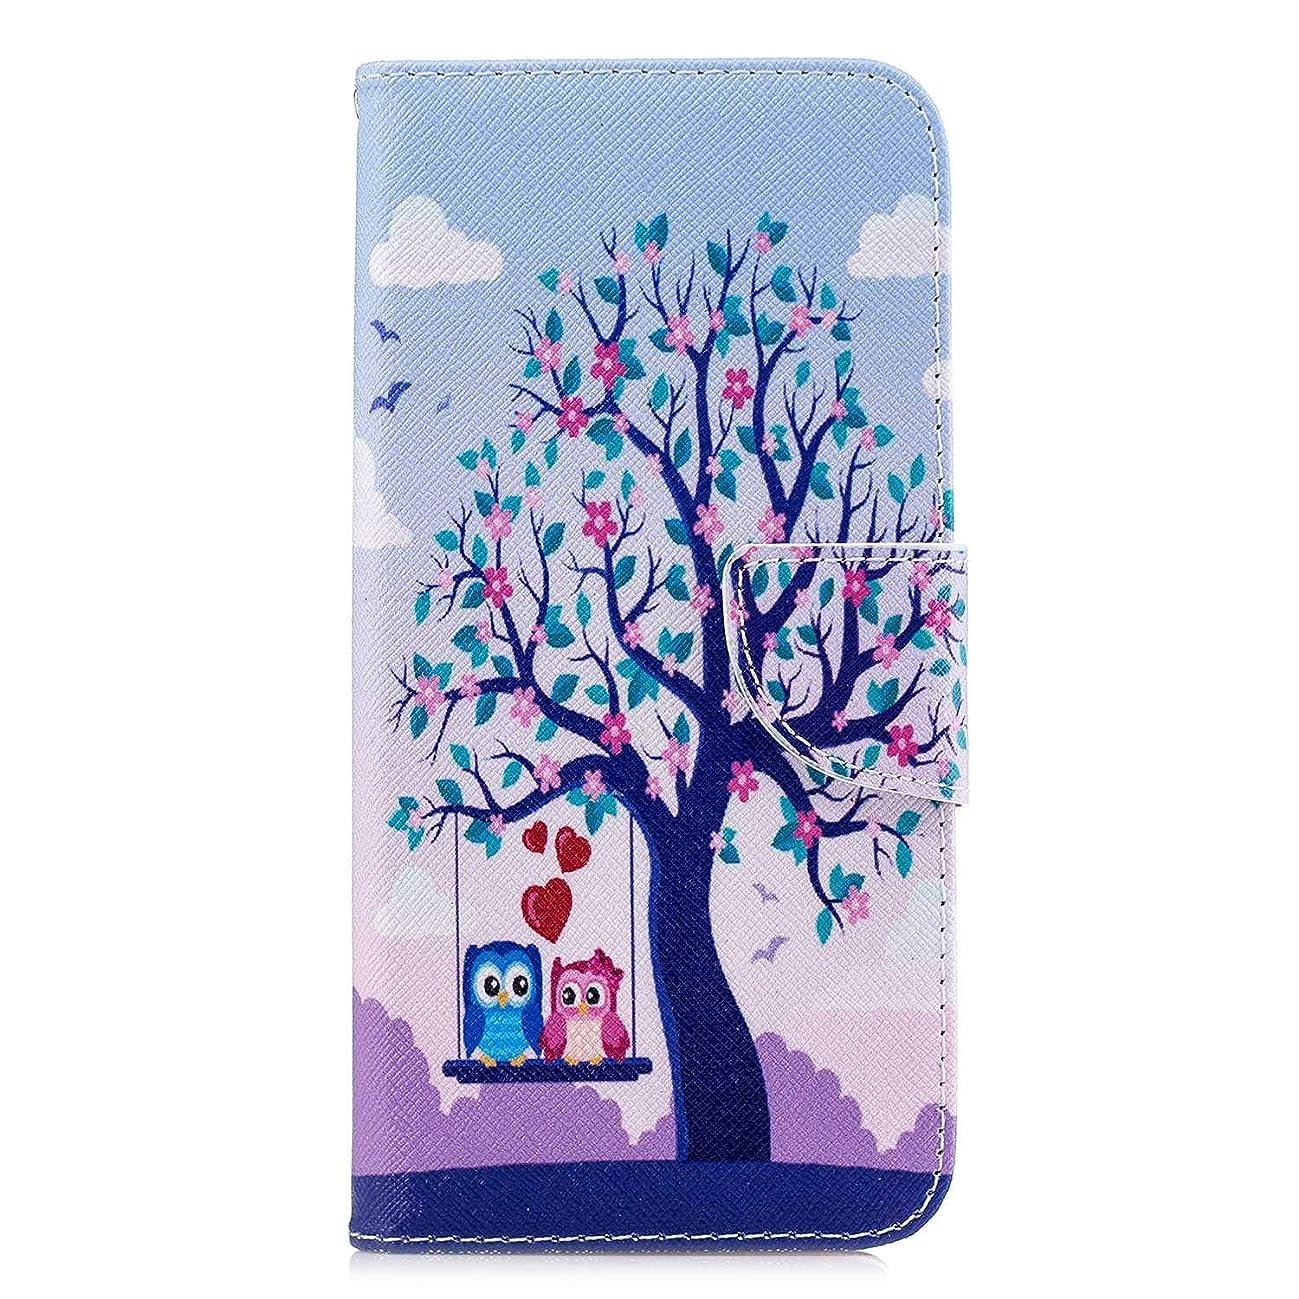 霧深いゲージ主にOMATENTI Huawei Honor 8C ケース, ファッション人気 PUレザー 手帳 軽量 電話ケース 耐衝撃性 落下防止 薄型 スマホケースザー 付きスタンド機能, マグネット開閉式 そしてカード収納 Huawei Honor 8C 用 Case Cover, 樹木